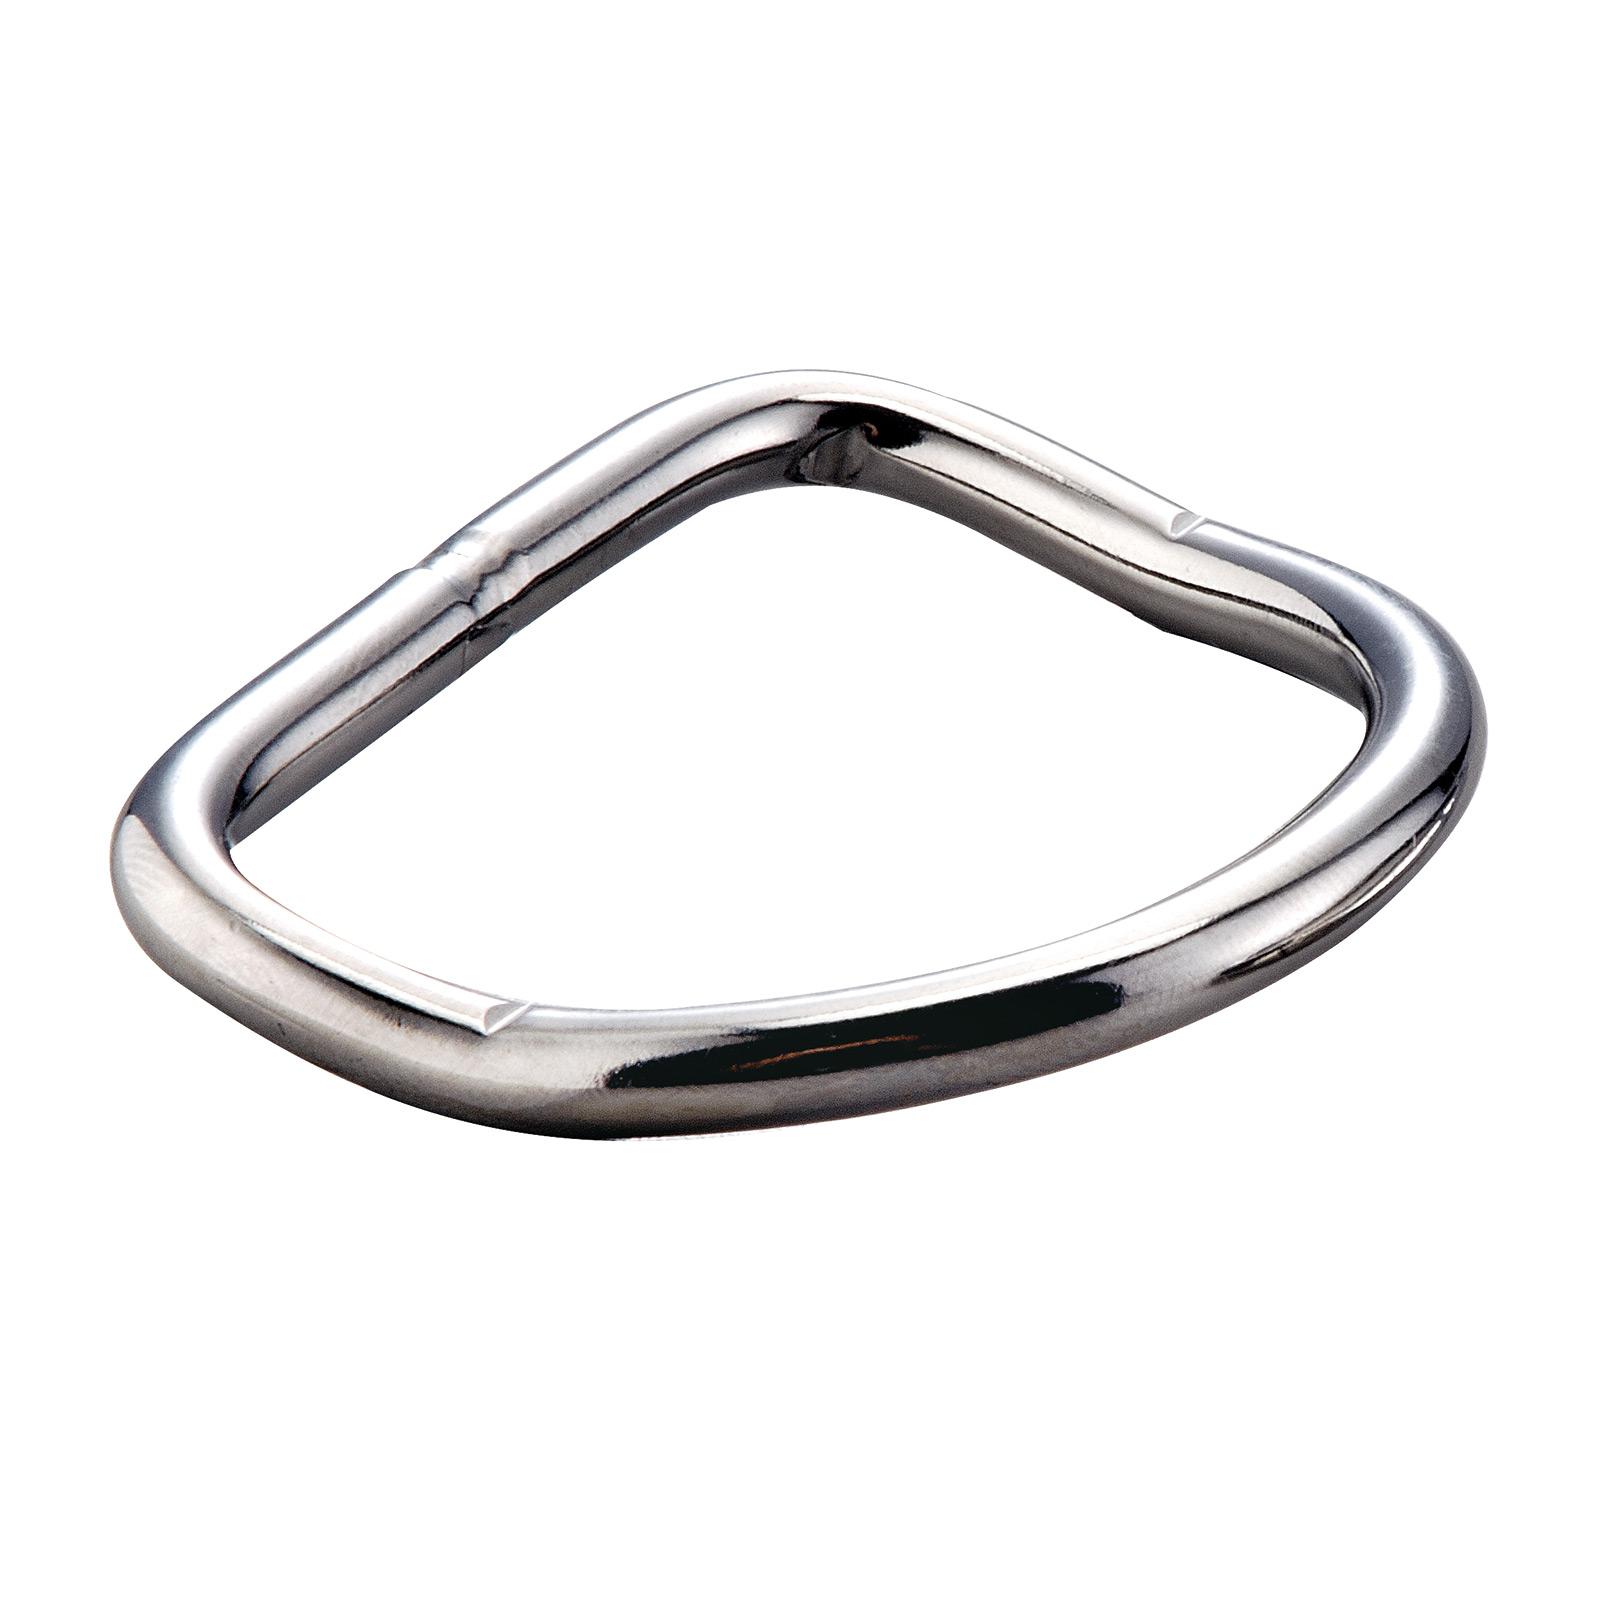 Bent D-Ring